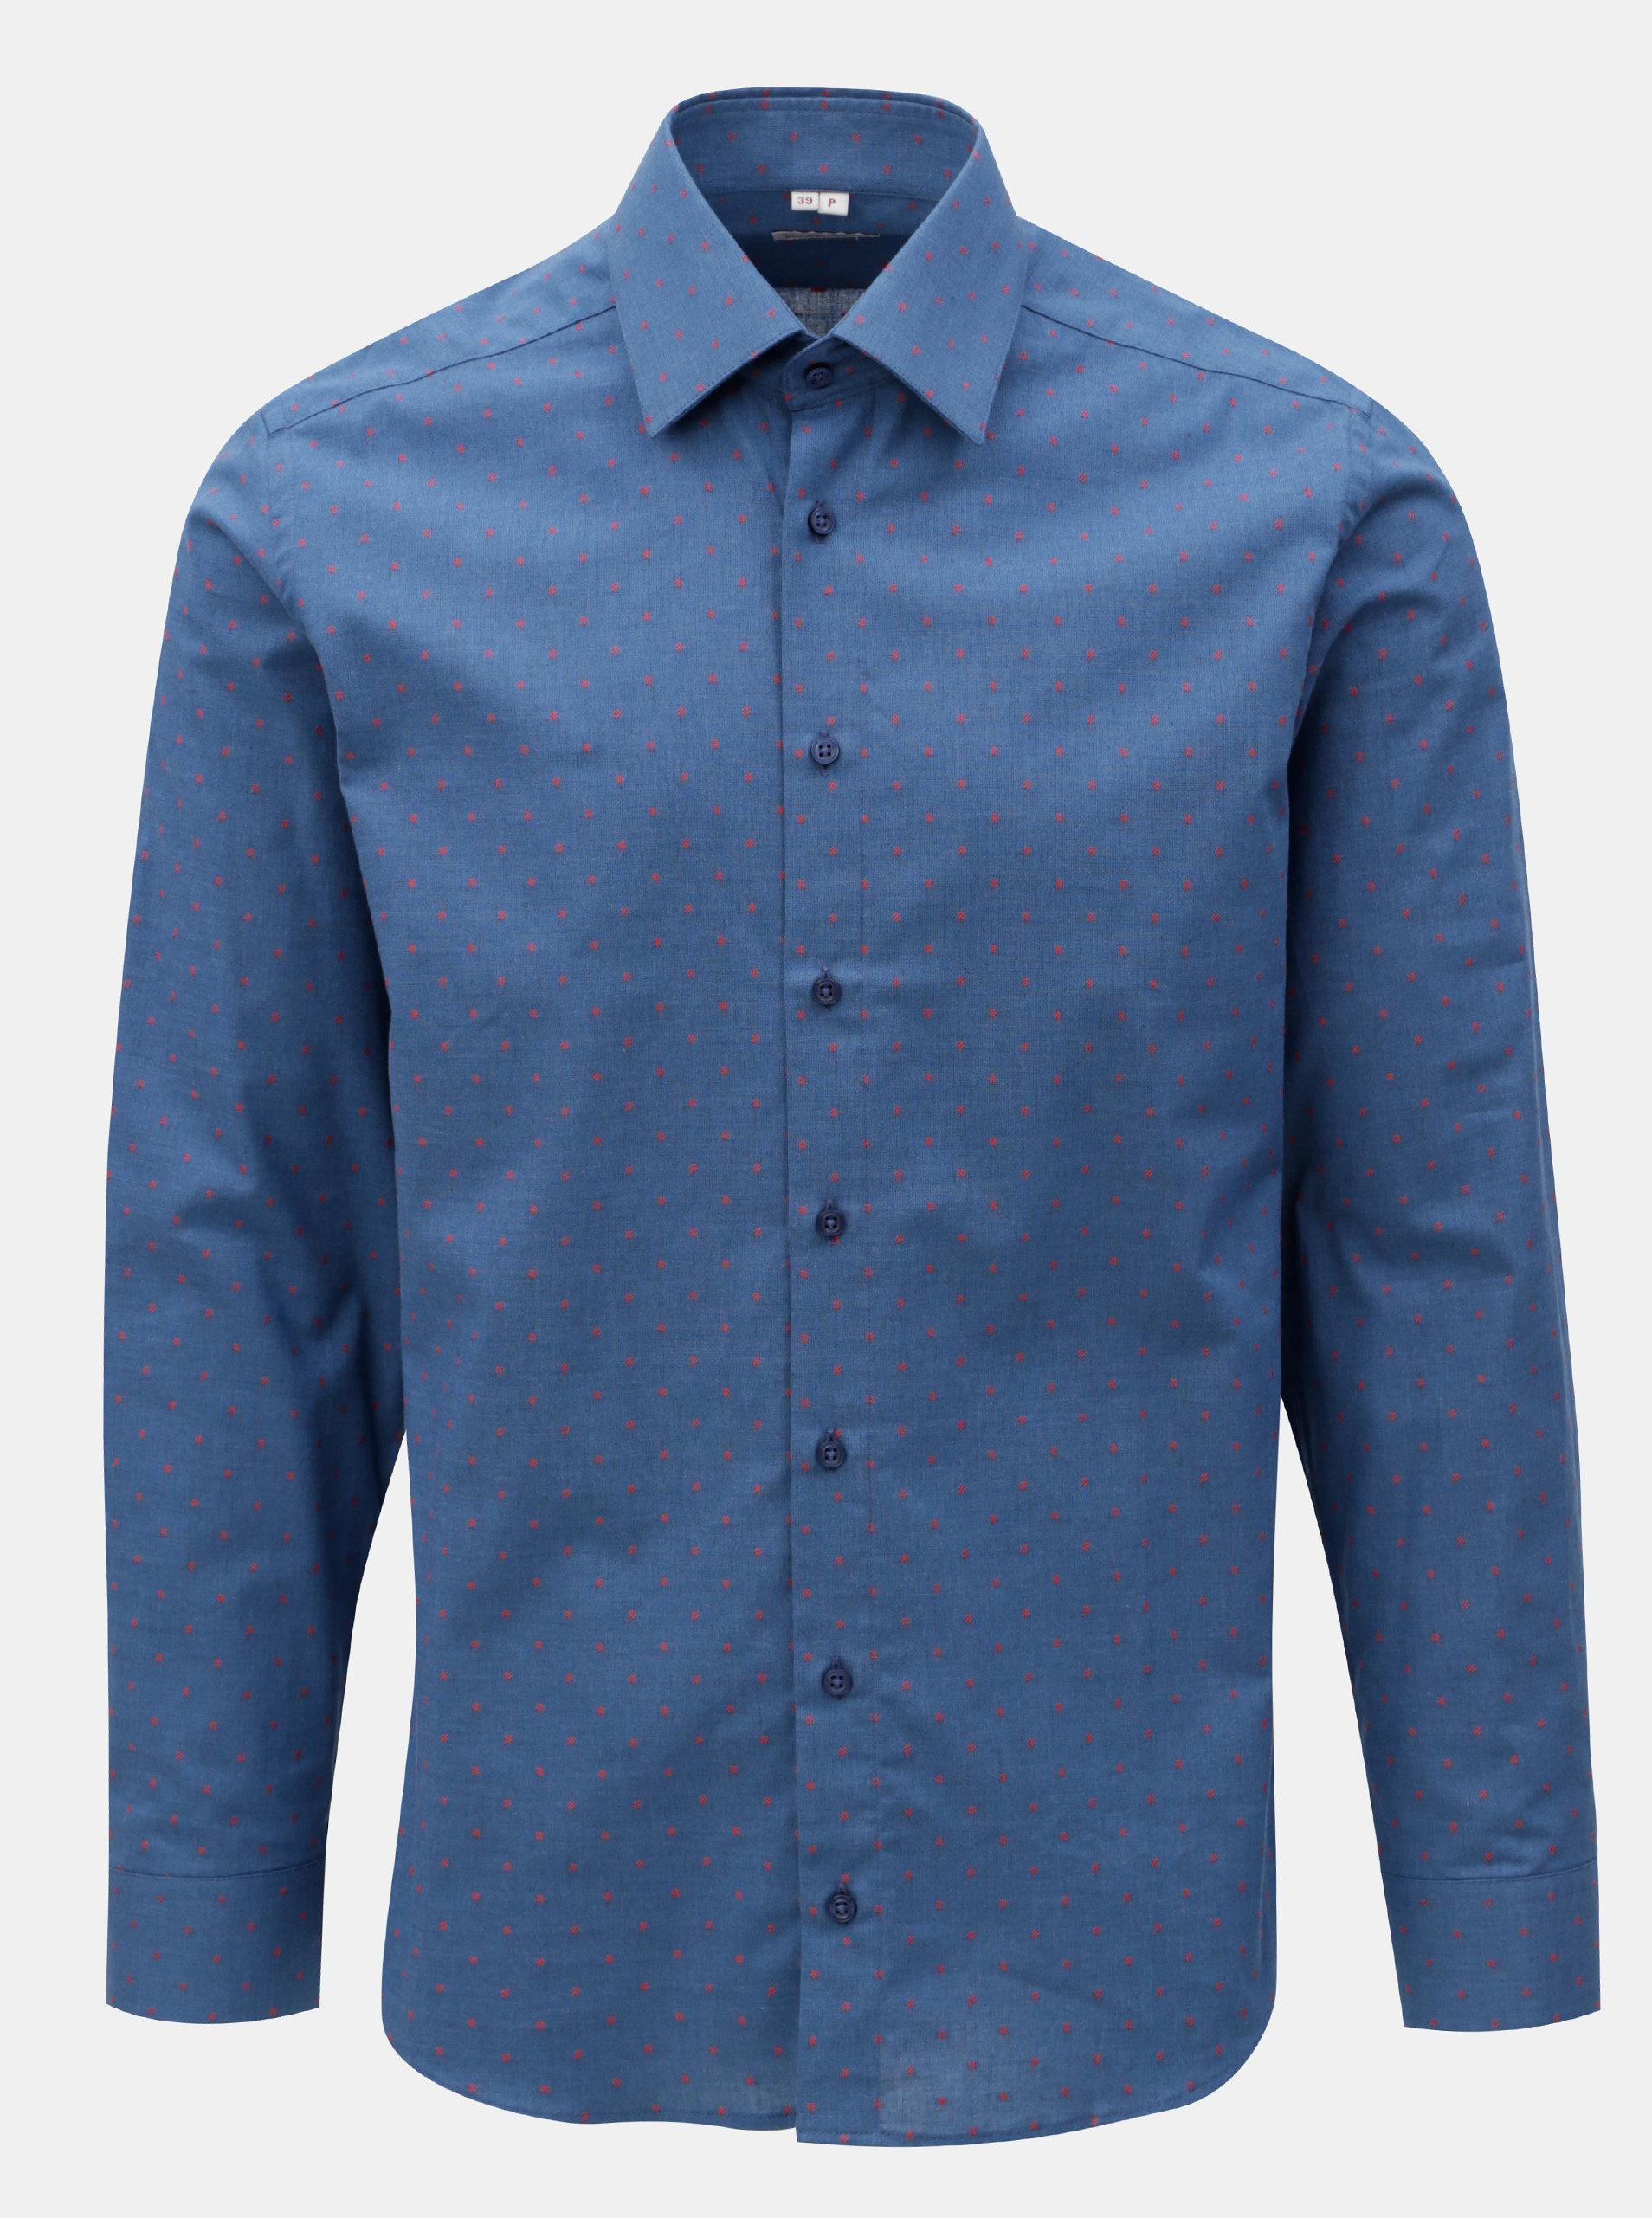 eb3103f67e88 Tmavomodrá pánska bodkovaná formálna košeľa VAVI ...